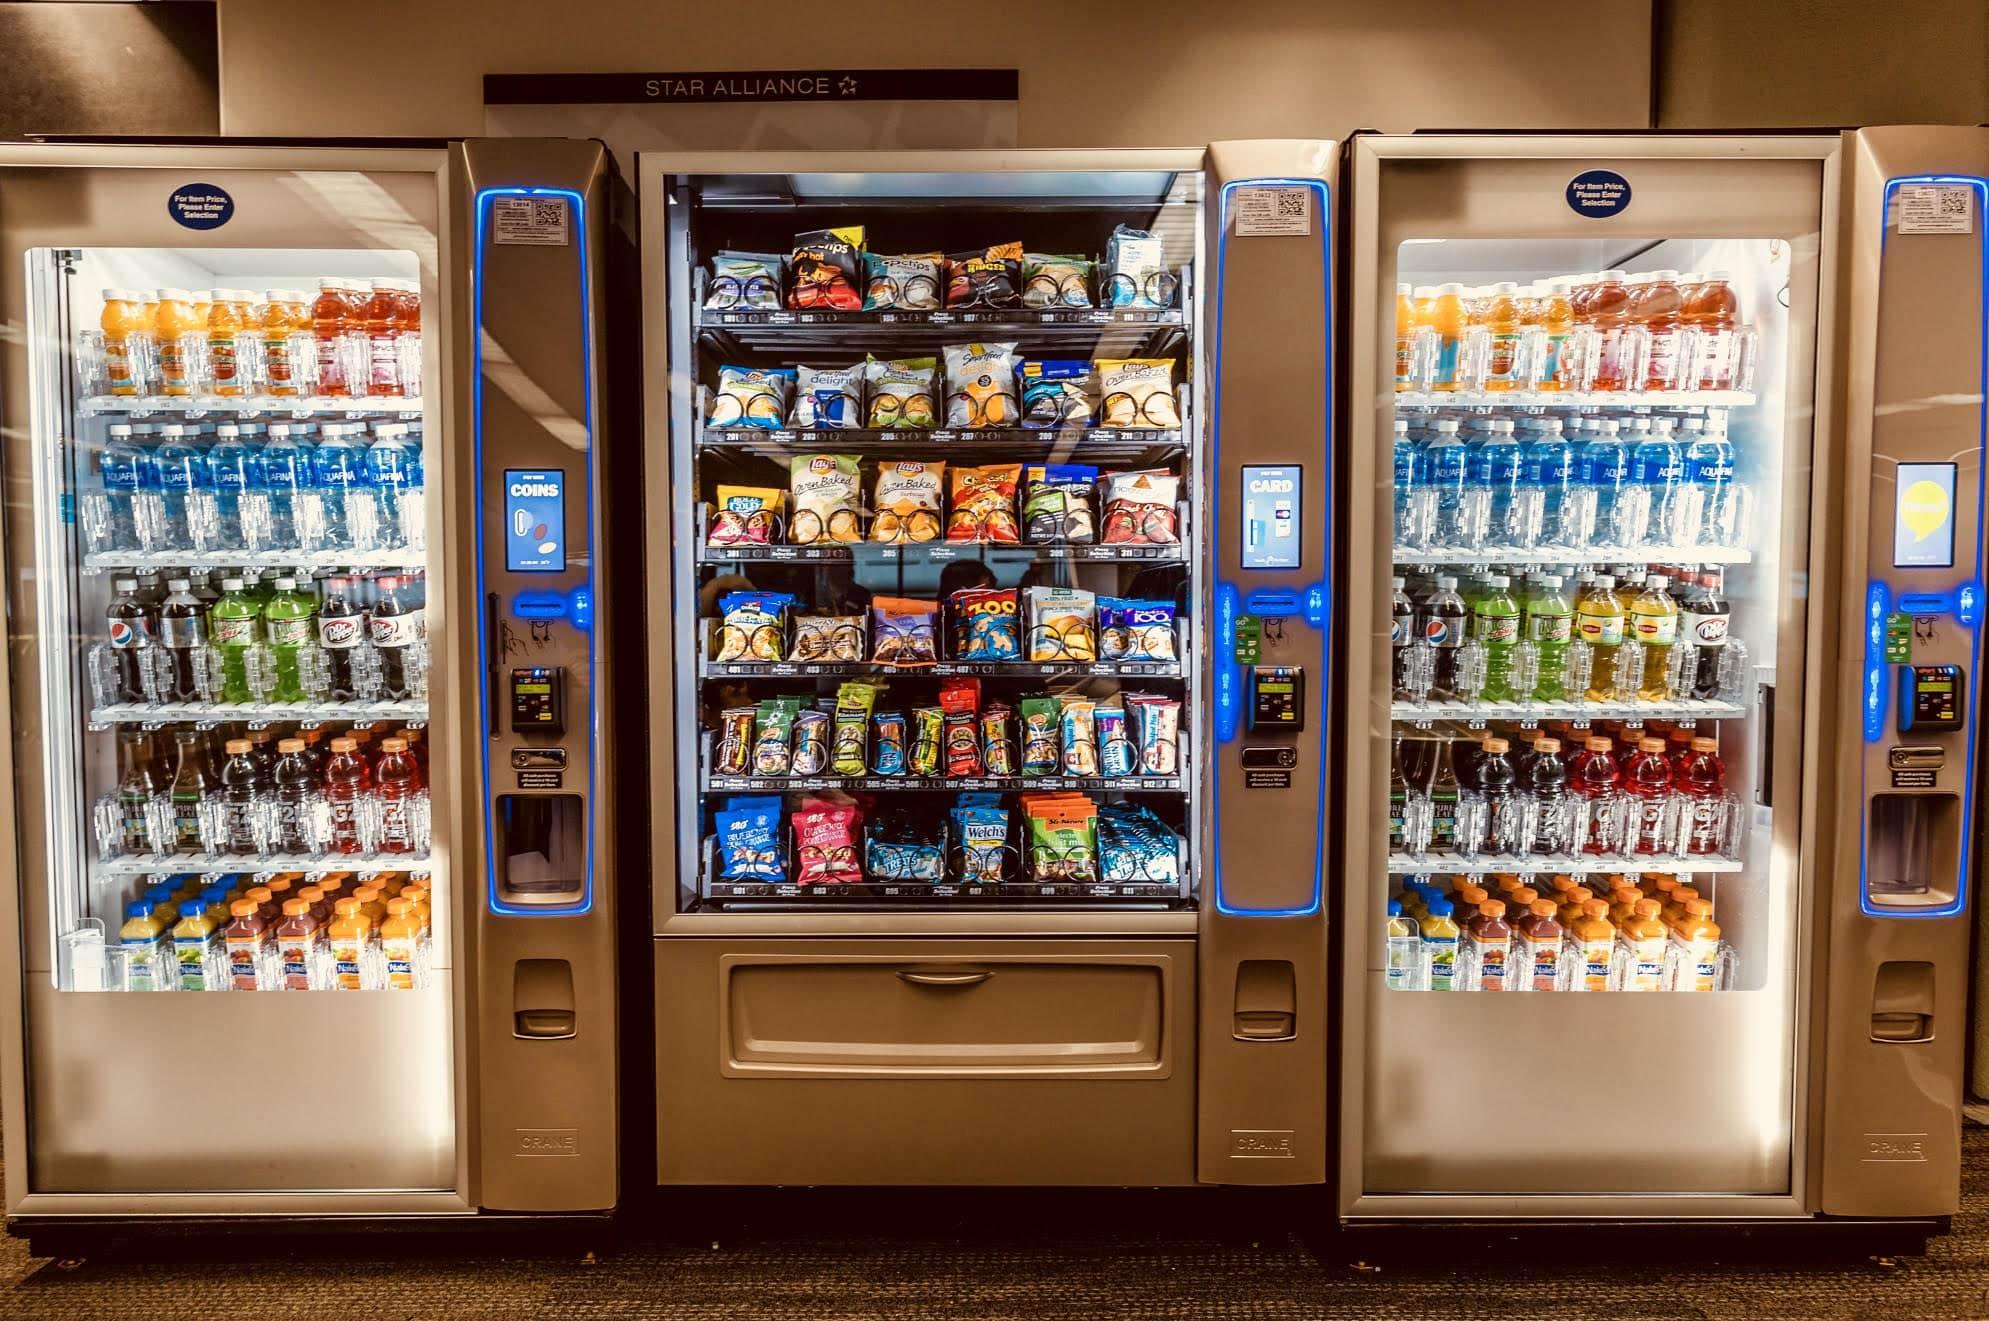 Lo studio informa: concessione del sevizio di distribuzione automatica di bevande e prodotti alimentari